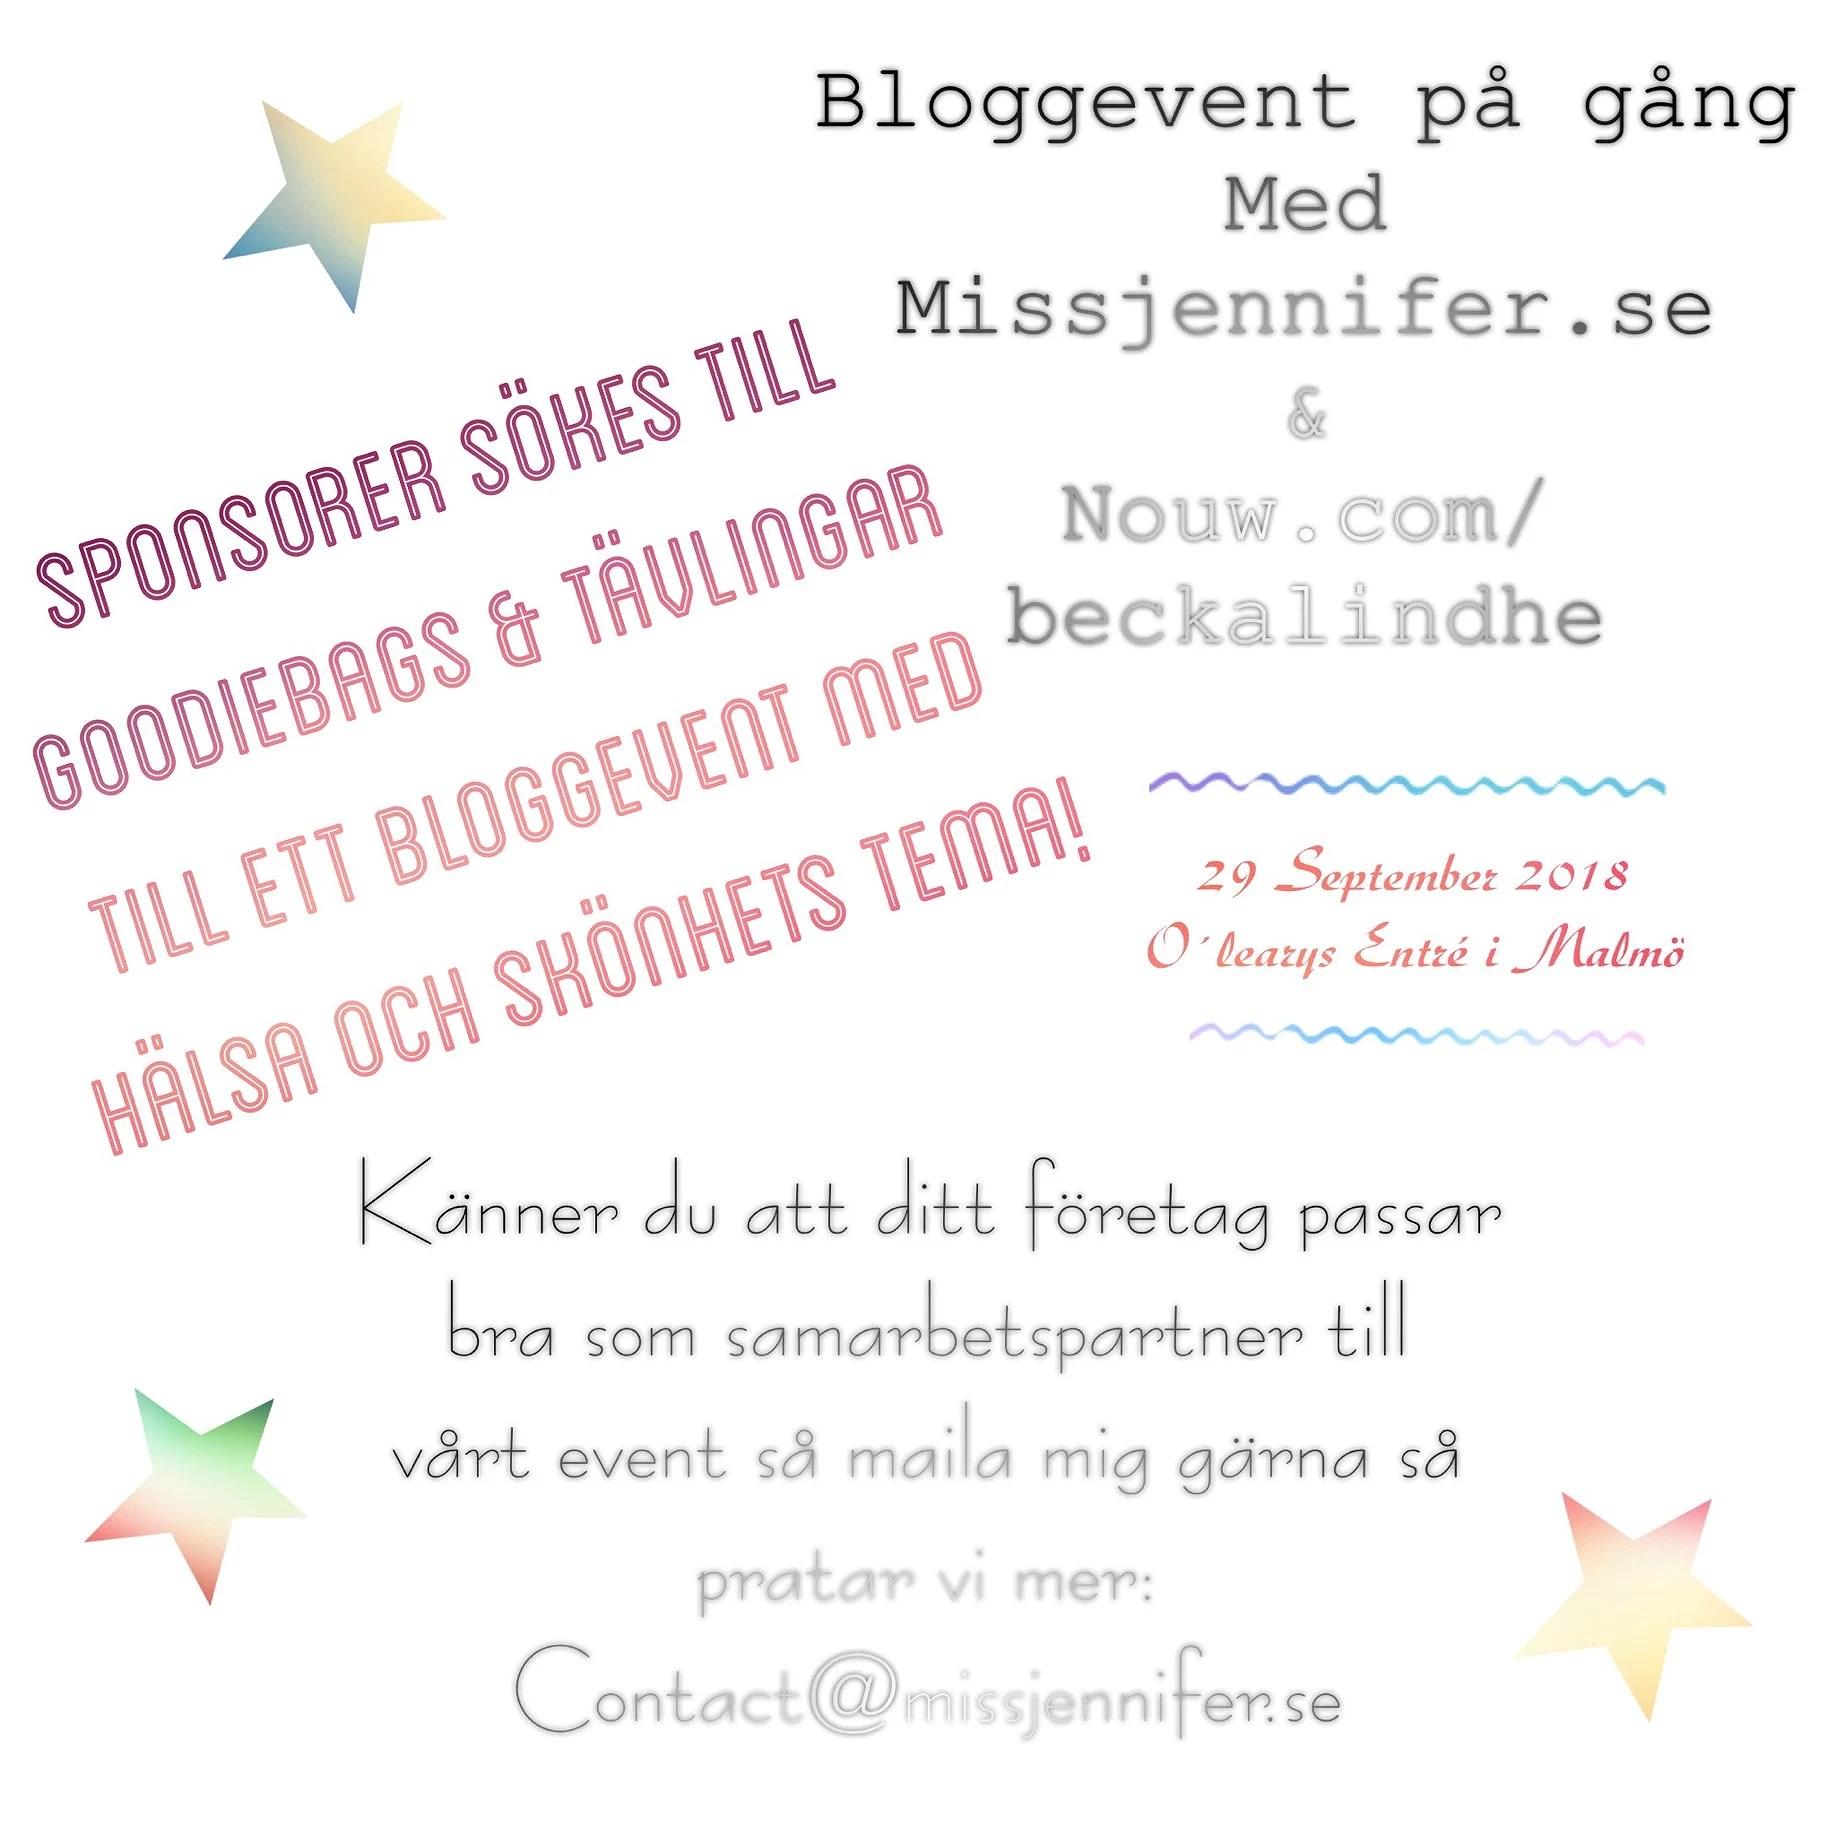 Samarbetspartner sökes till bloggevent med hälsa och skönhets tema!